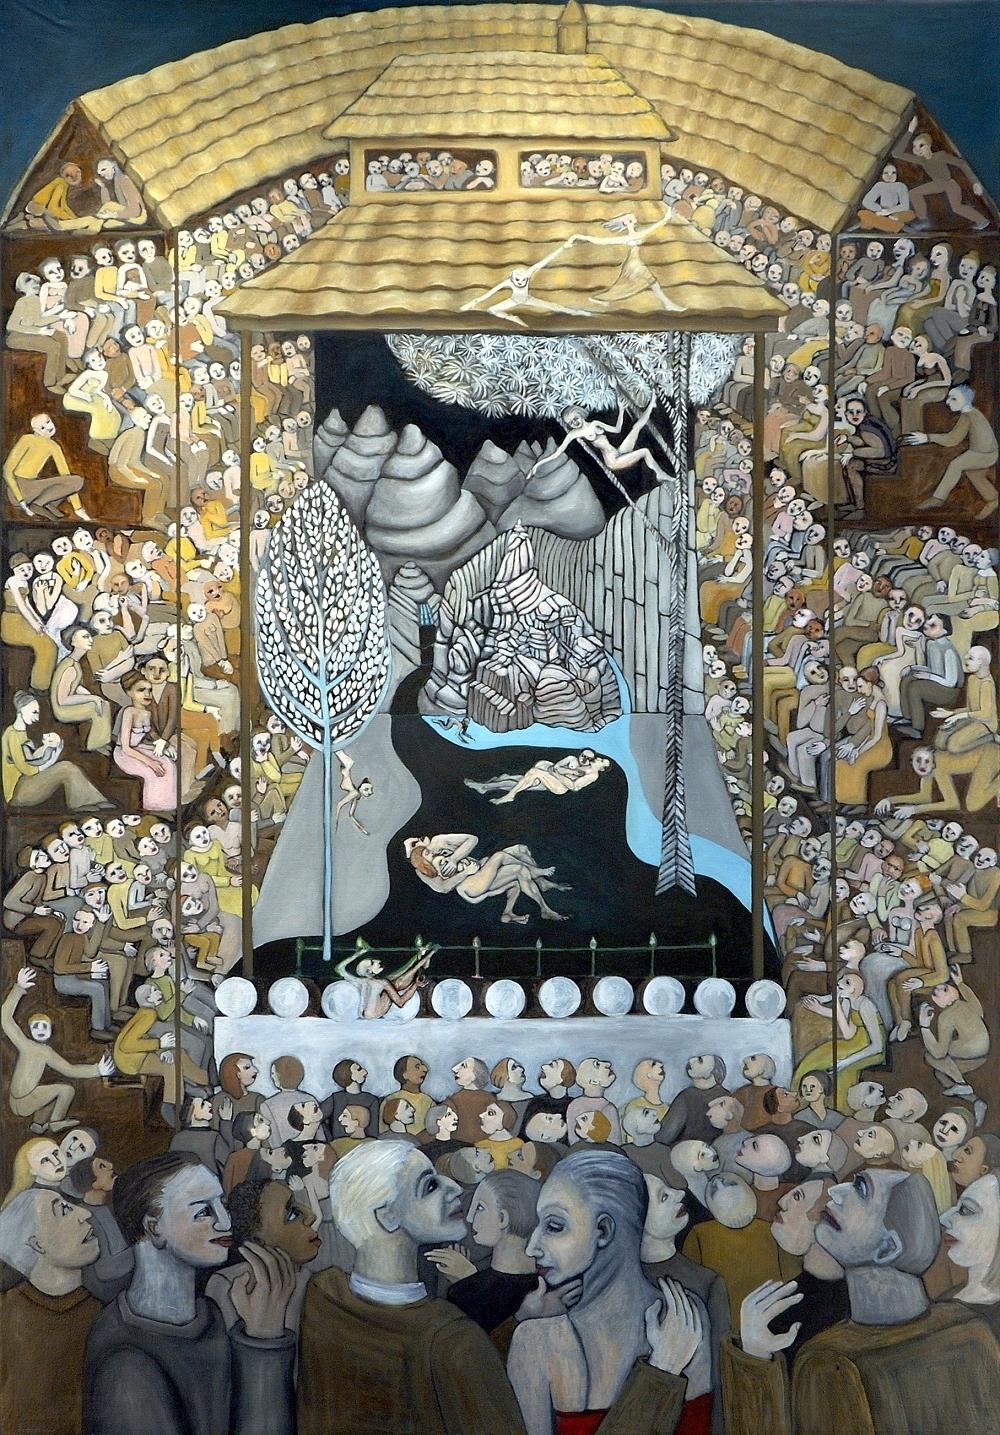 A Midsummer Night's Dream, 6 ft x 4 ft, 182.88 cm x 121.92 cm, oil on linen.